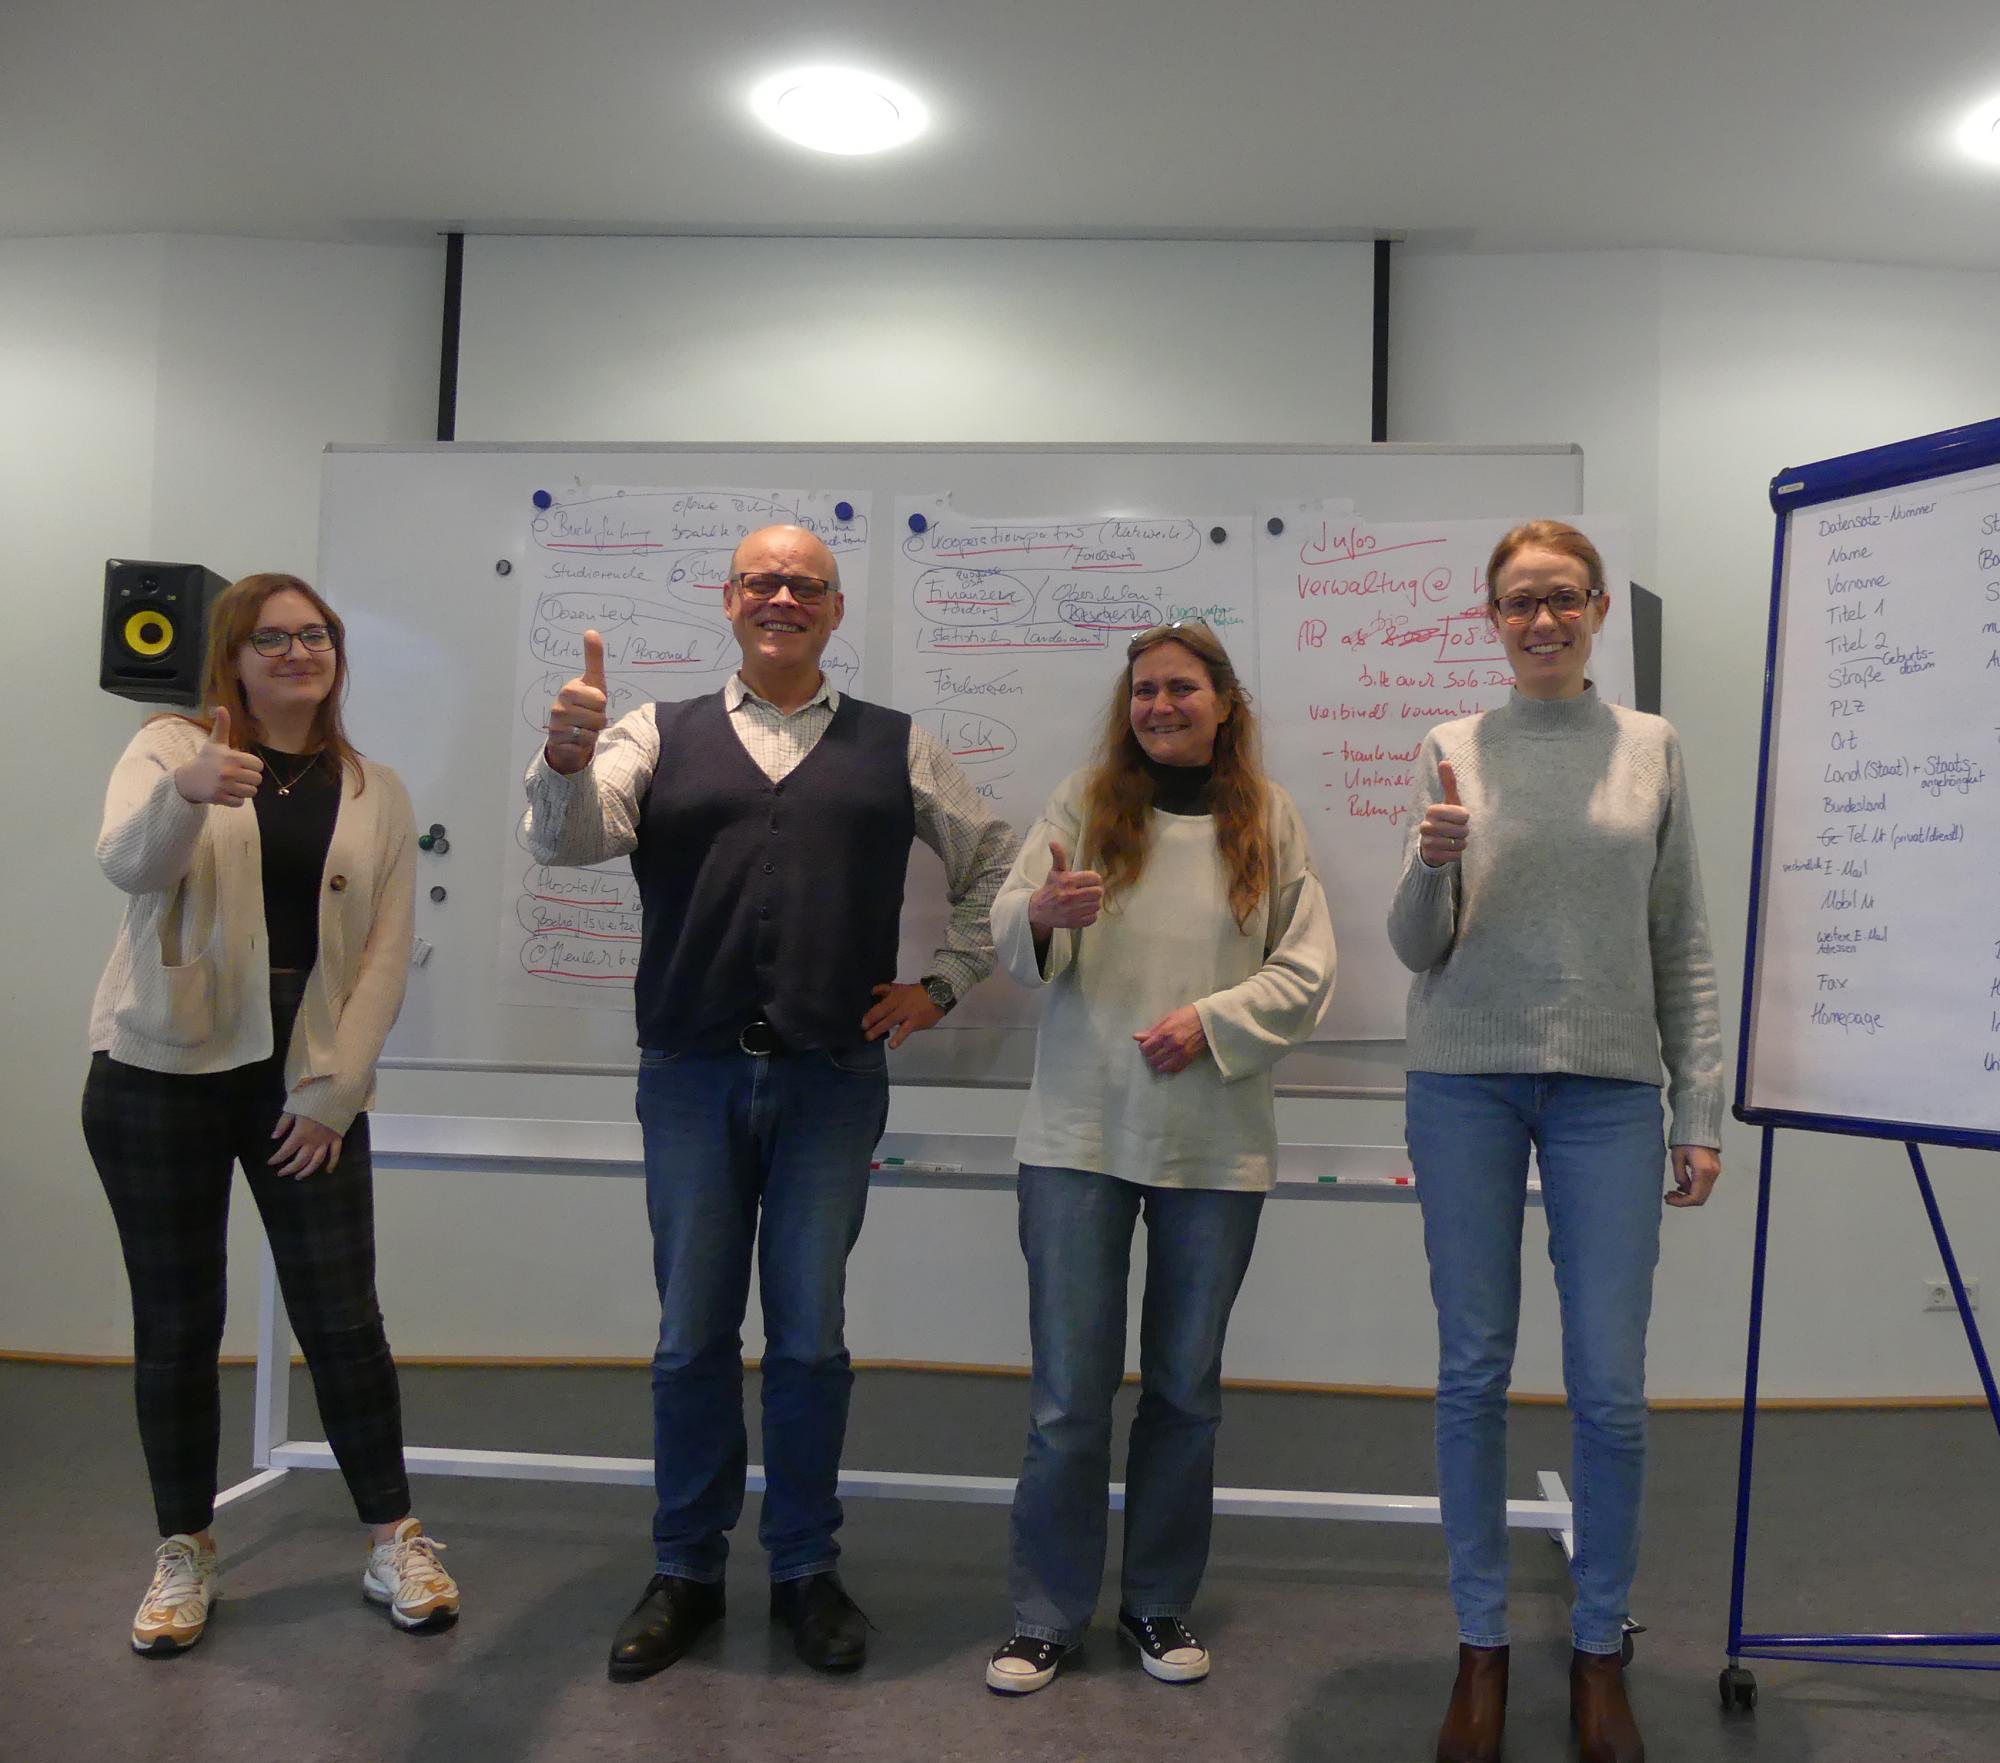 Produktiv Und Zielführend – So War Der Teamtag Der Verwaltung Des Hohner-Konservatoriums. V.l.n.r. Saskia Ruder, Bernhard Van Almsick, Michaela Hartmann, Claudia Boch